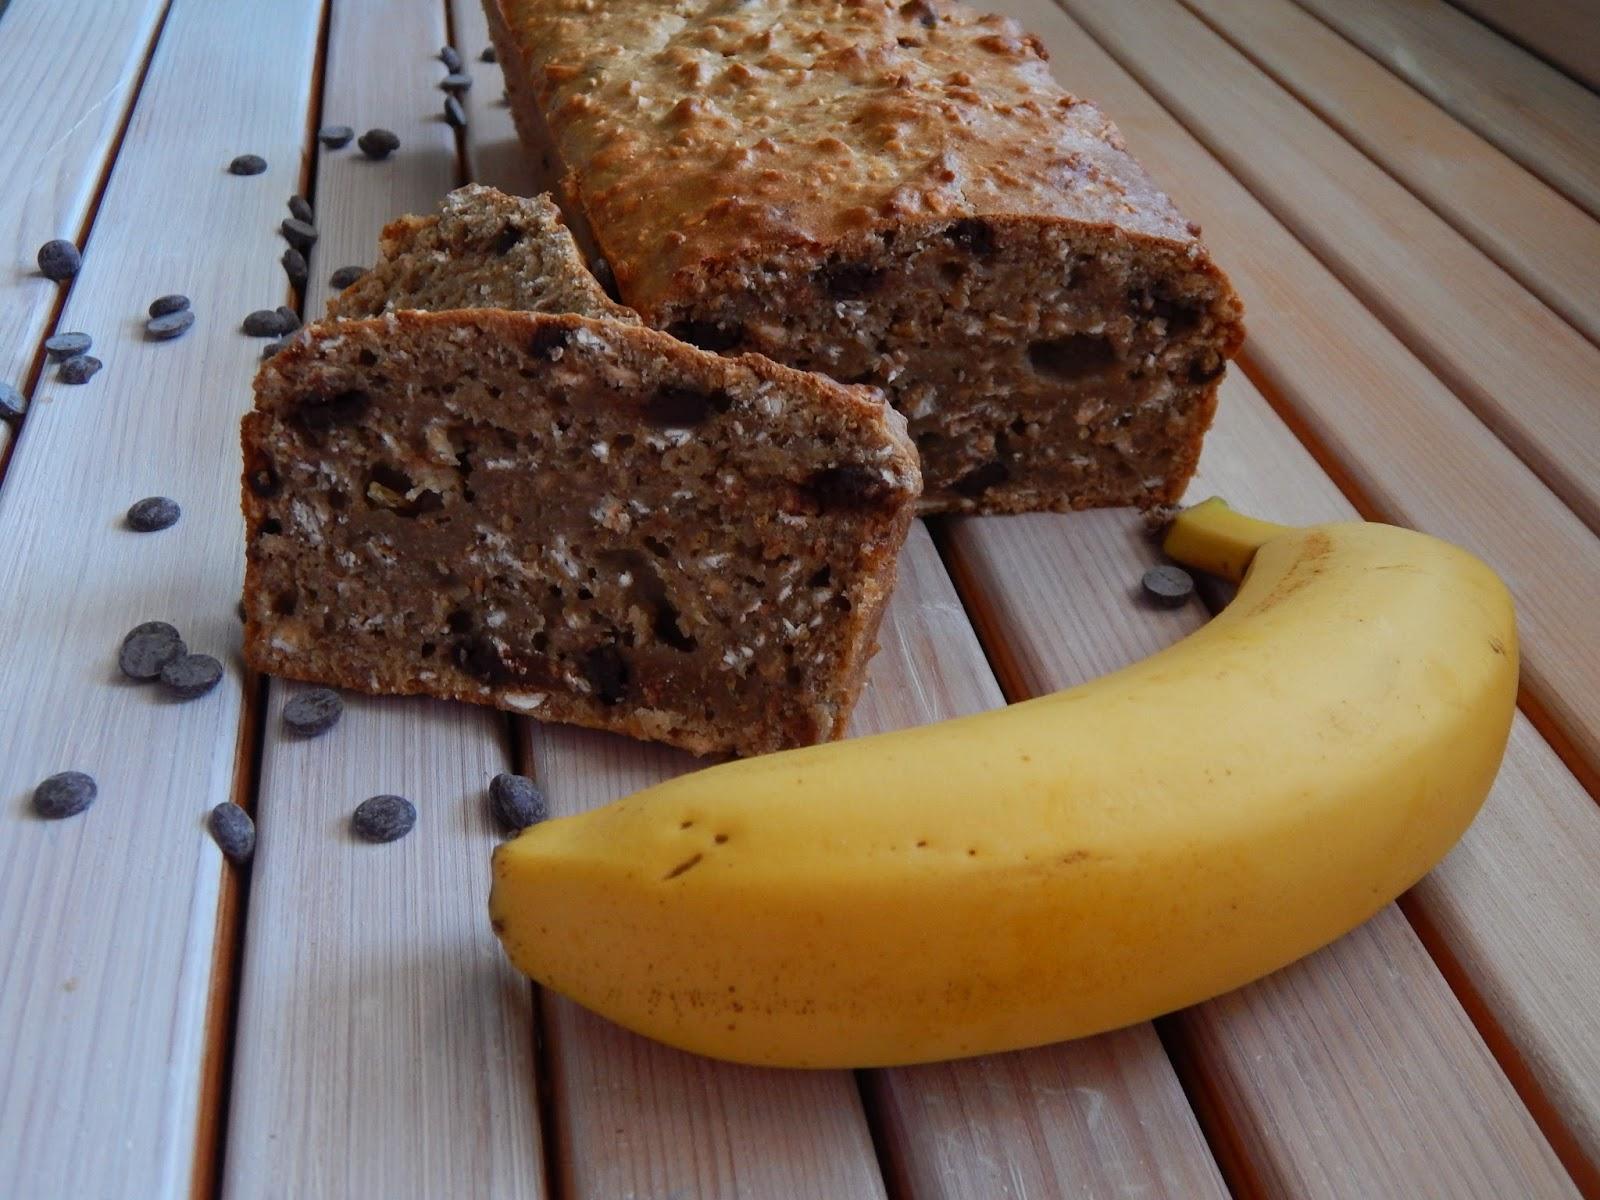 Banánový ovesný chlebíček